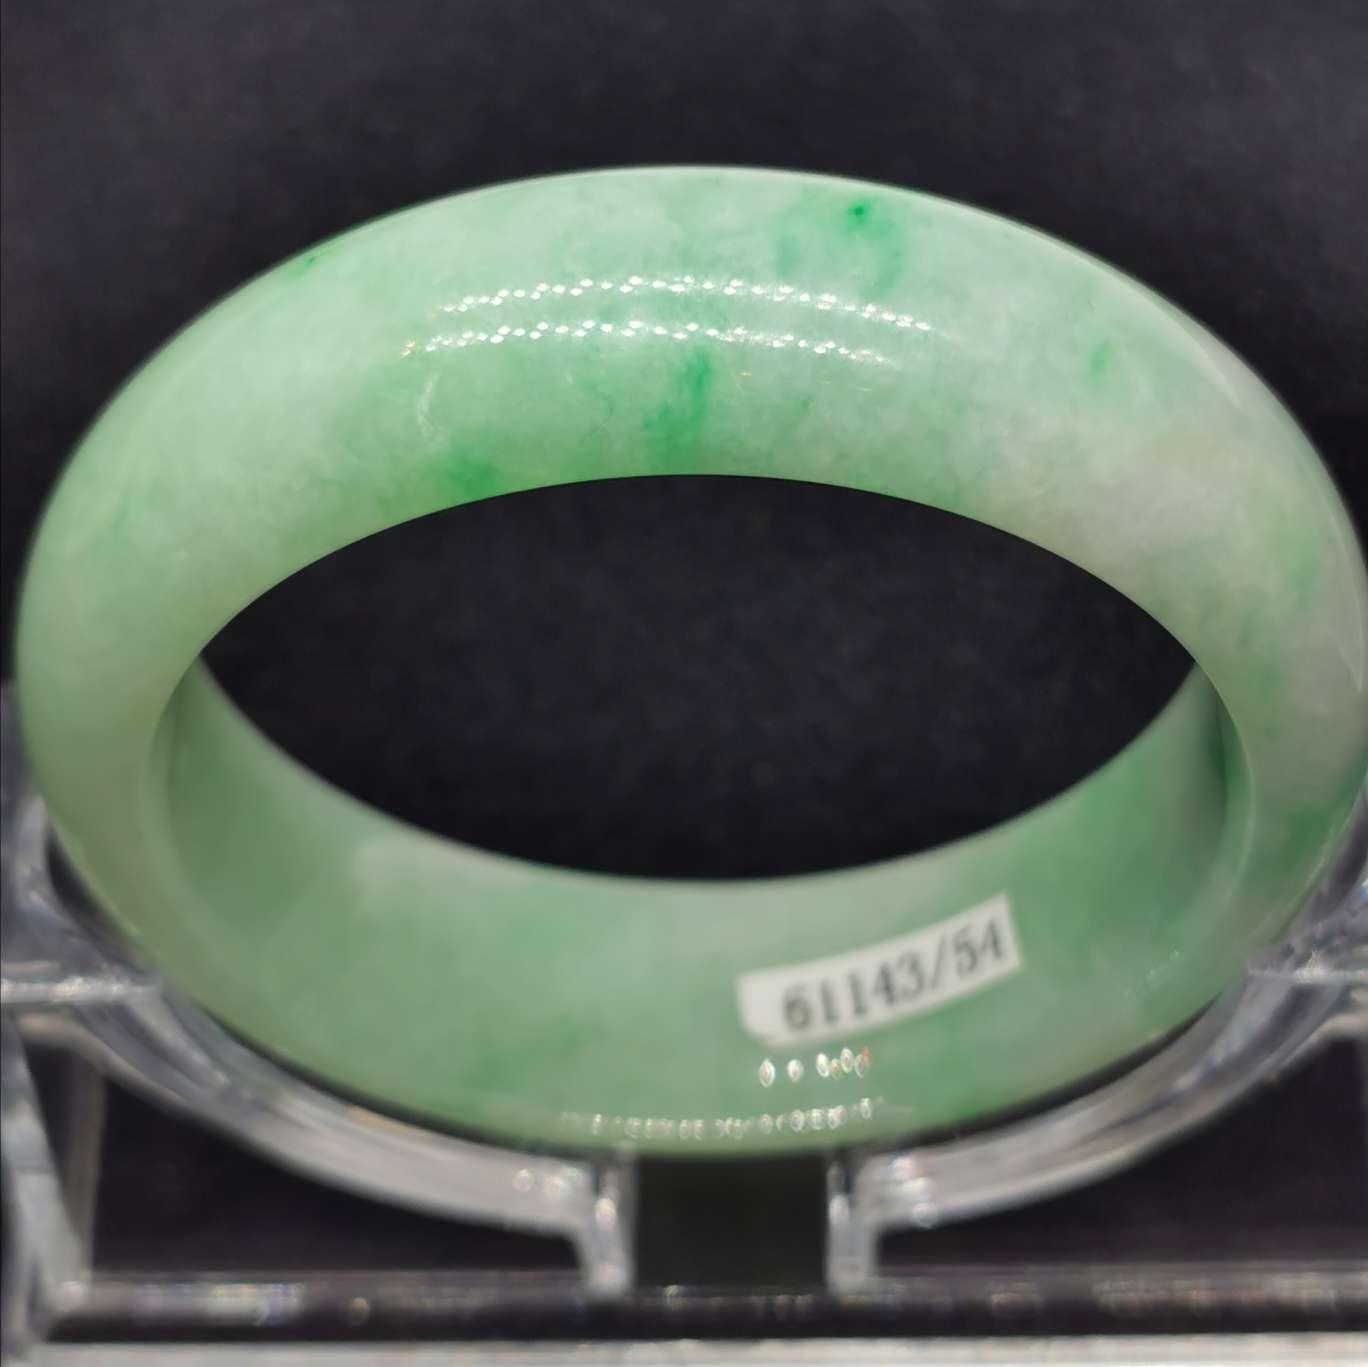 61143飘绿手镯  缅甸天然翡翠A货 圈口尺寸54.7mm